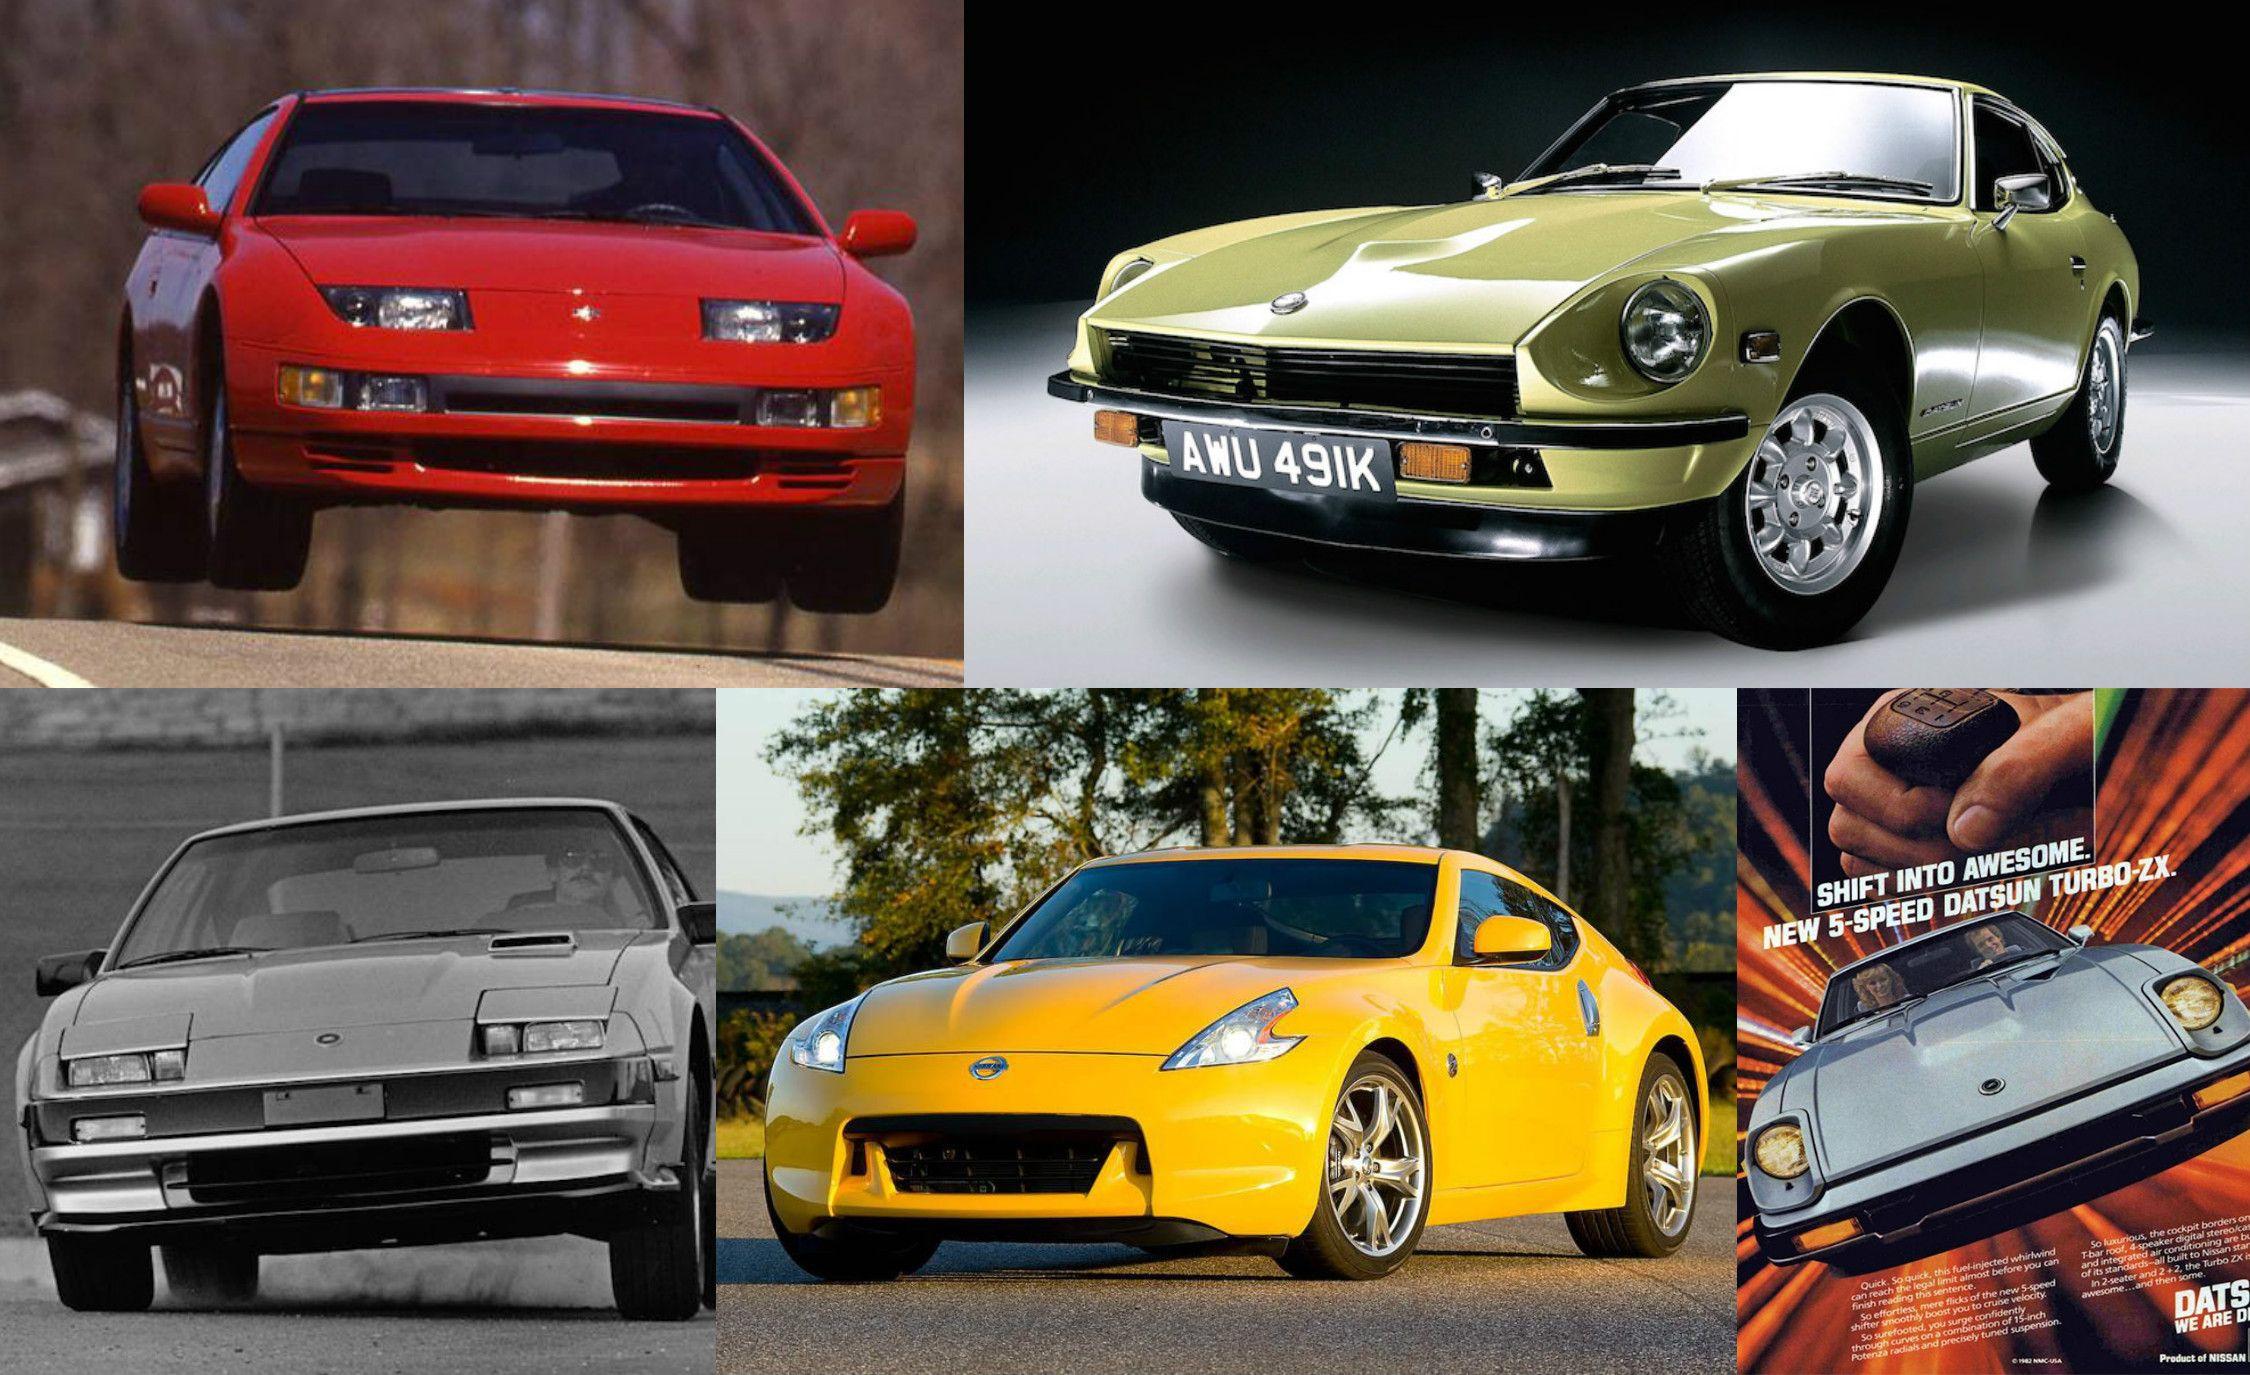 My Fair Lady: A Visual History Of The Nissan Z Car